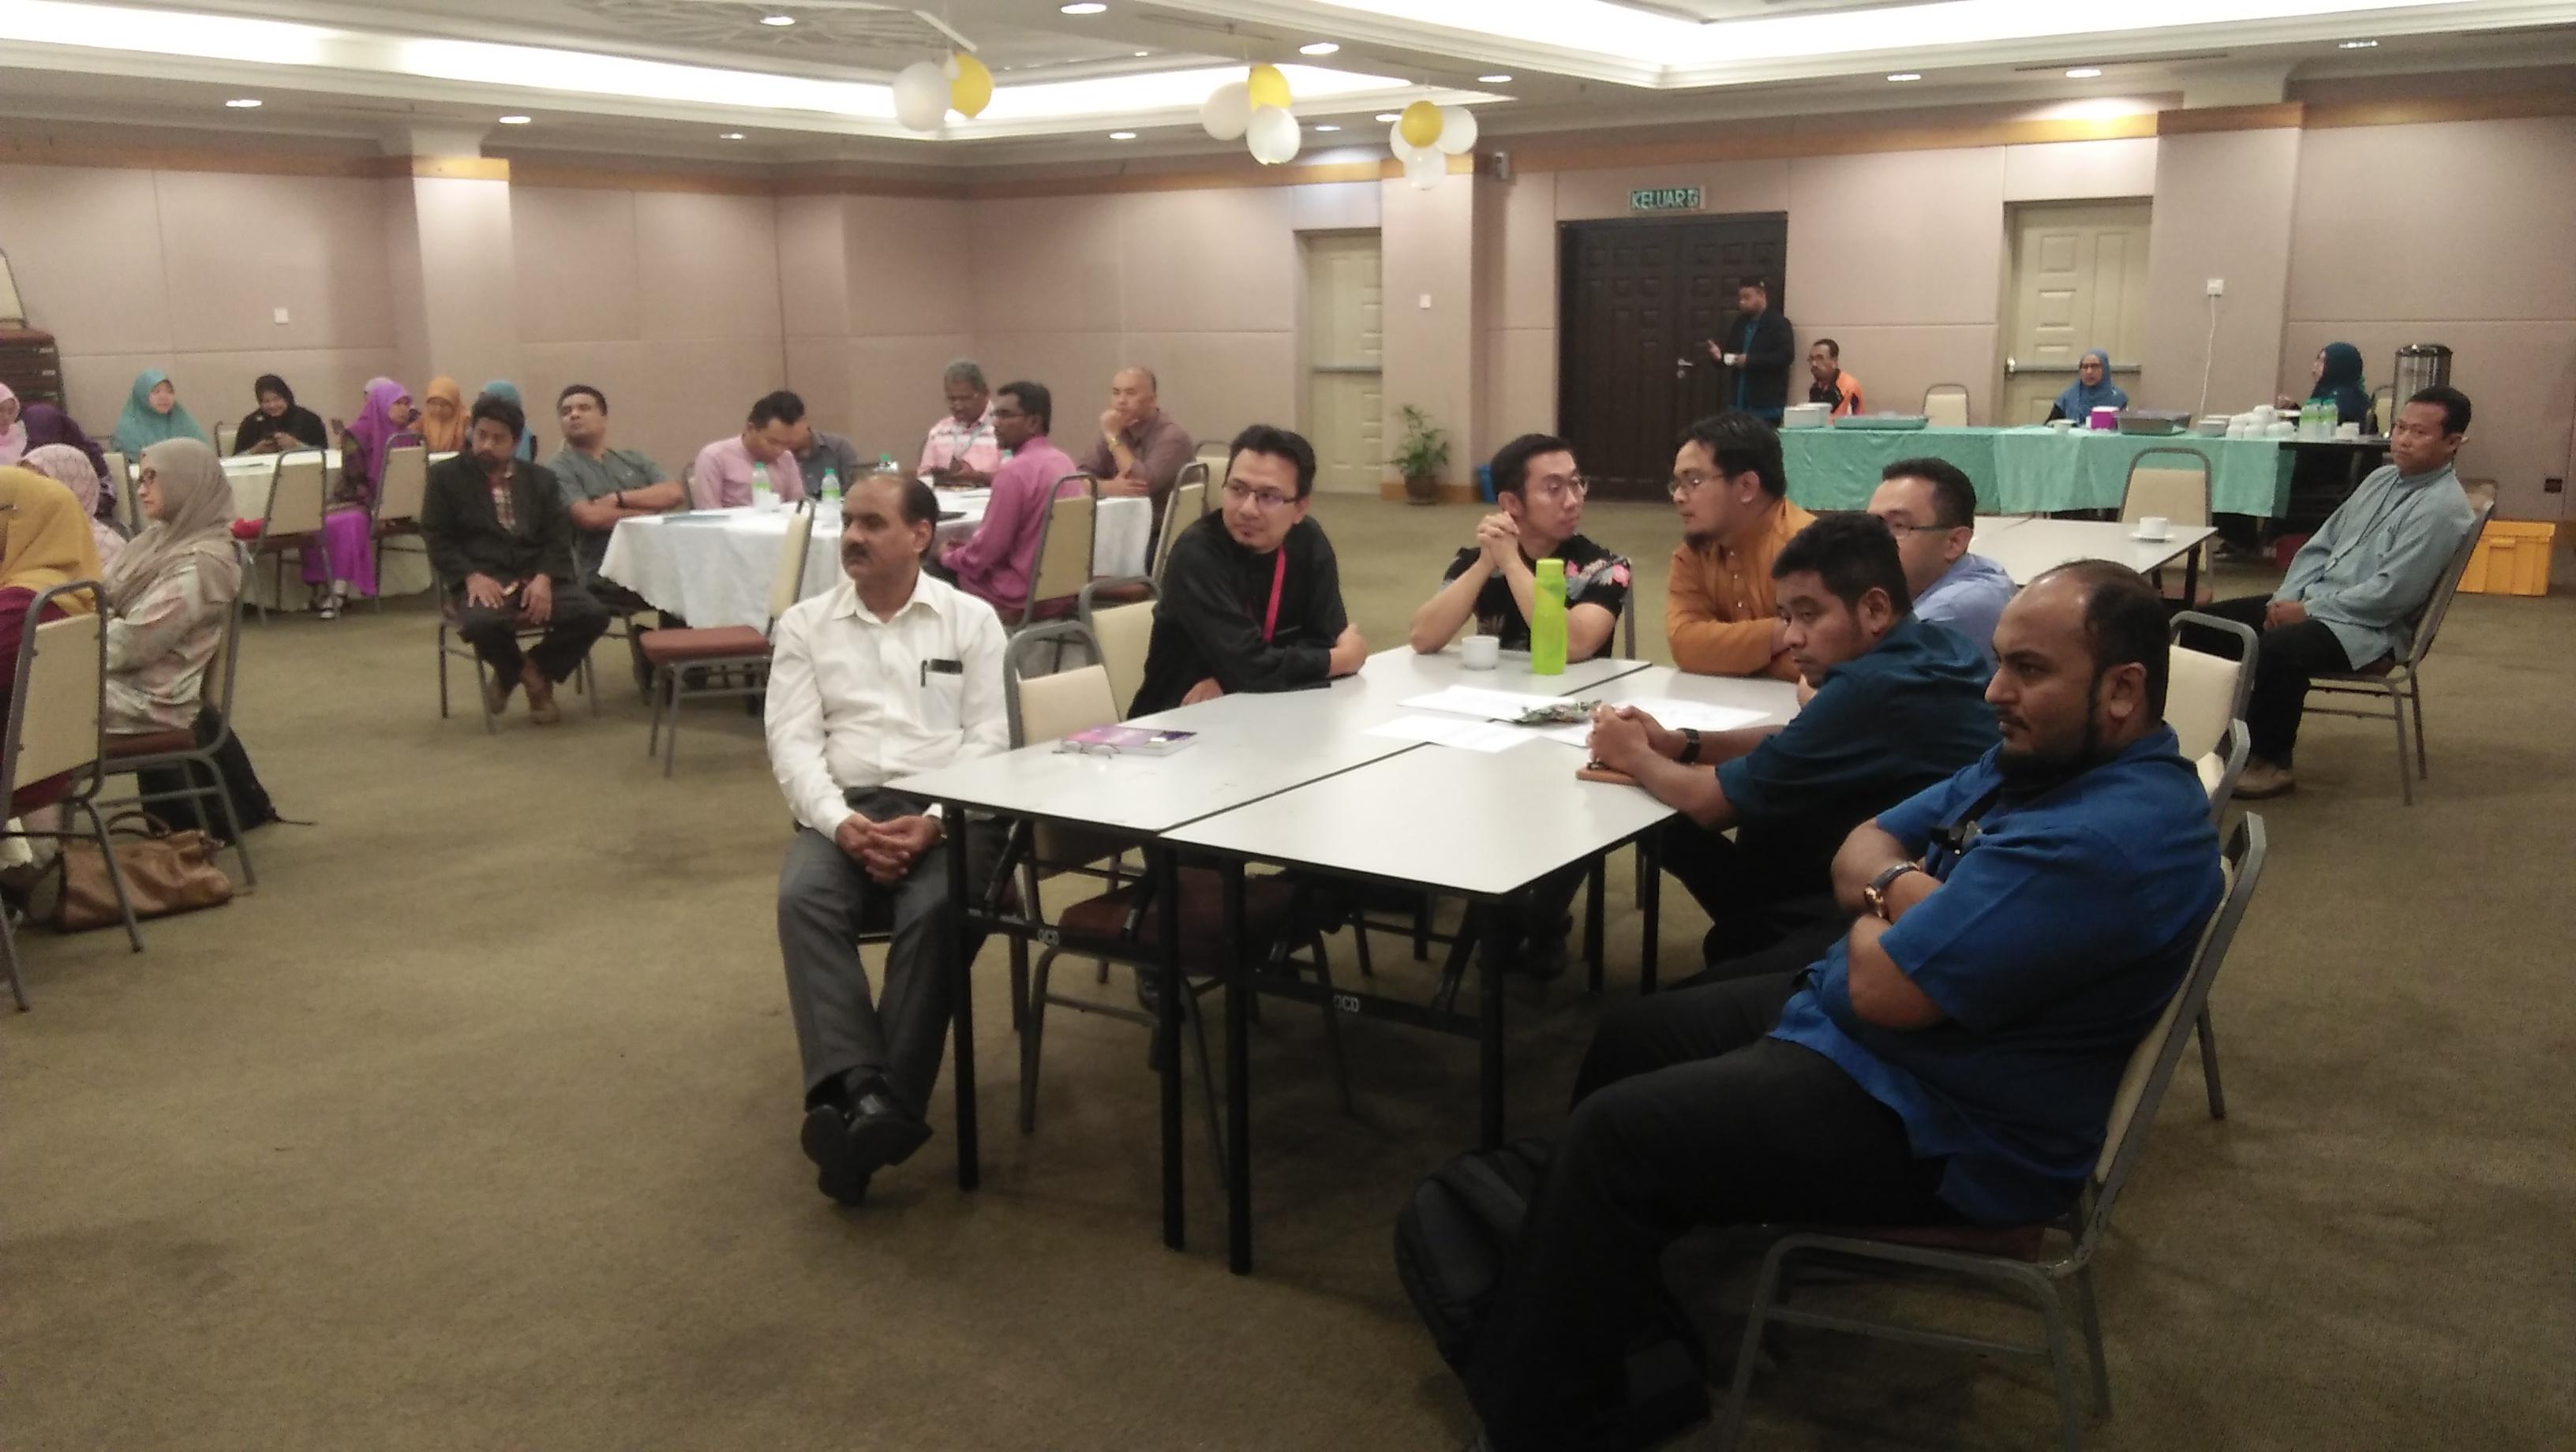 WORKSHOP ON ACADEMIC MISCONDUCT (STUDENT) AT KULLIYYAH LEVEL